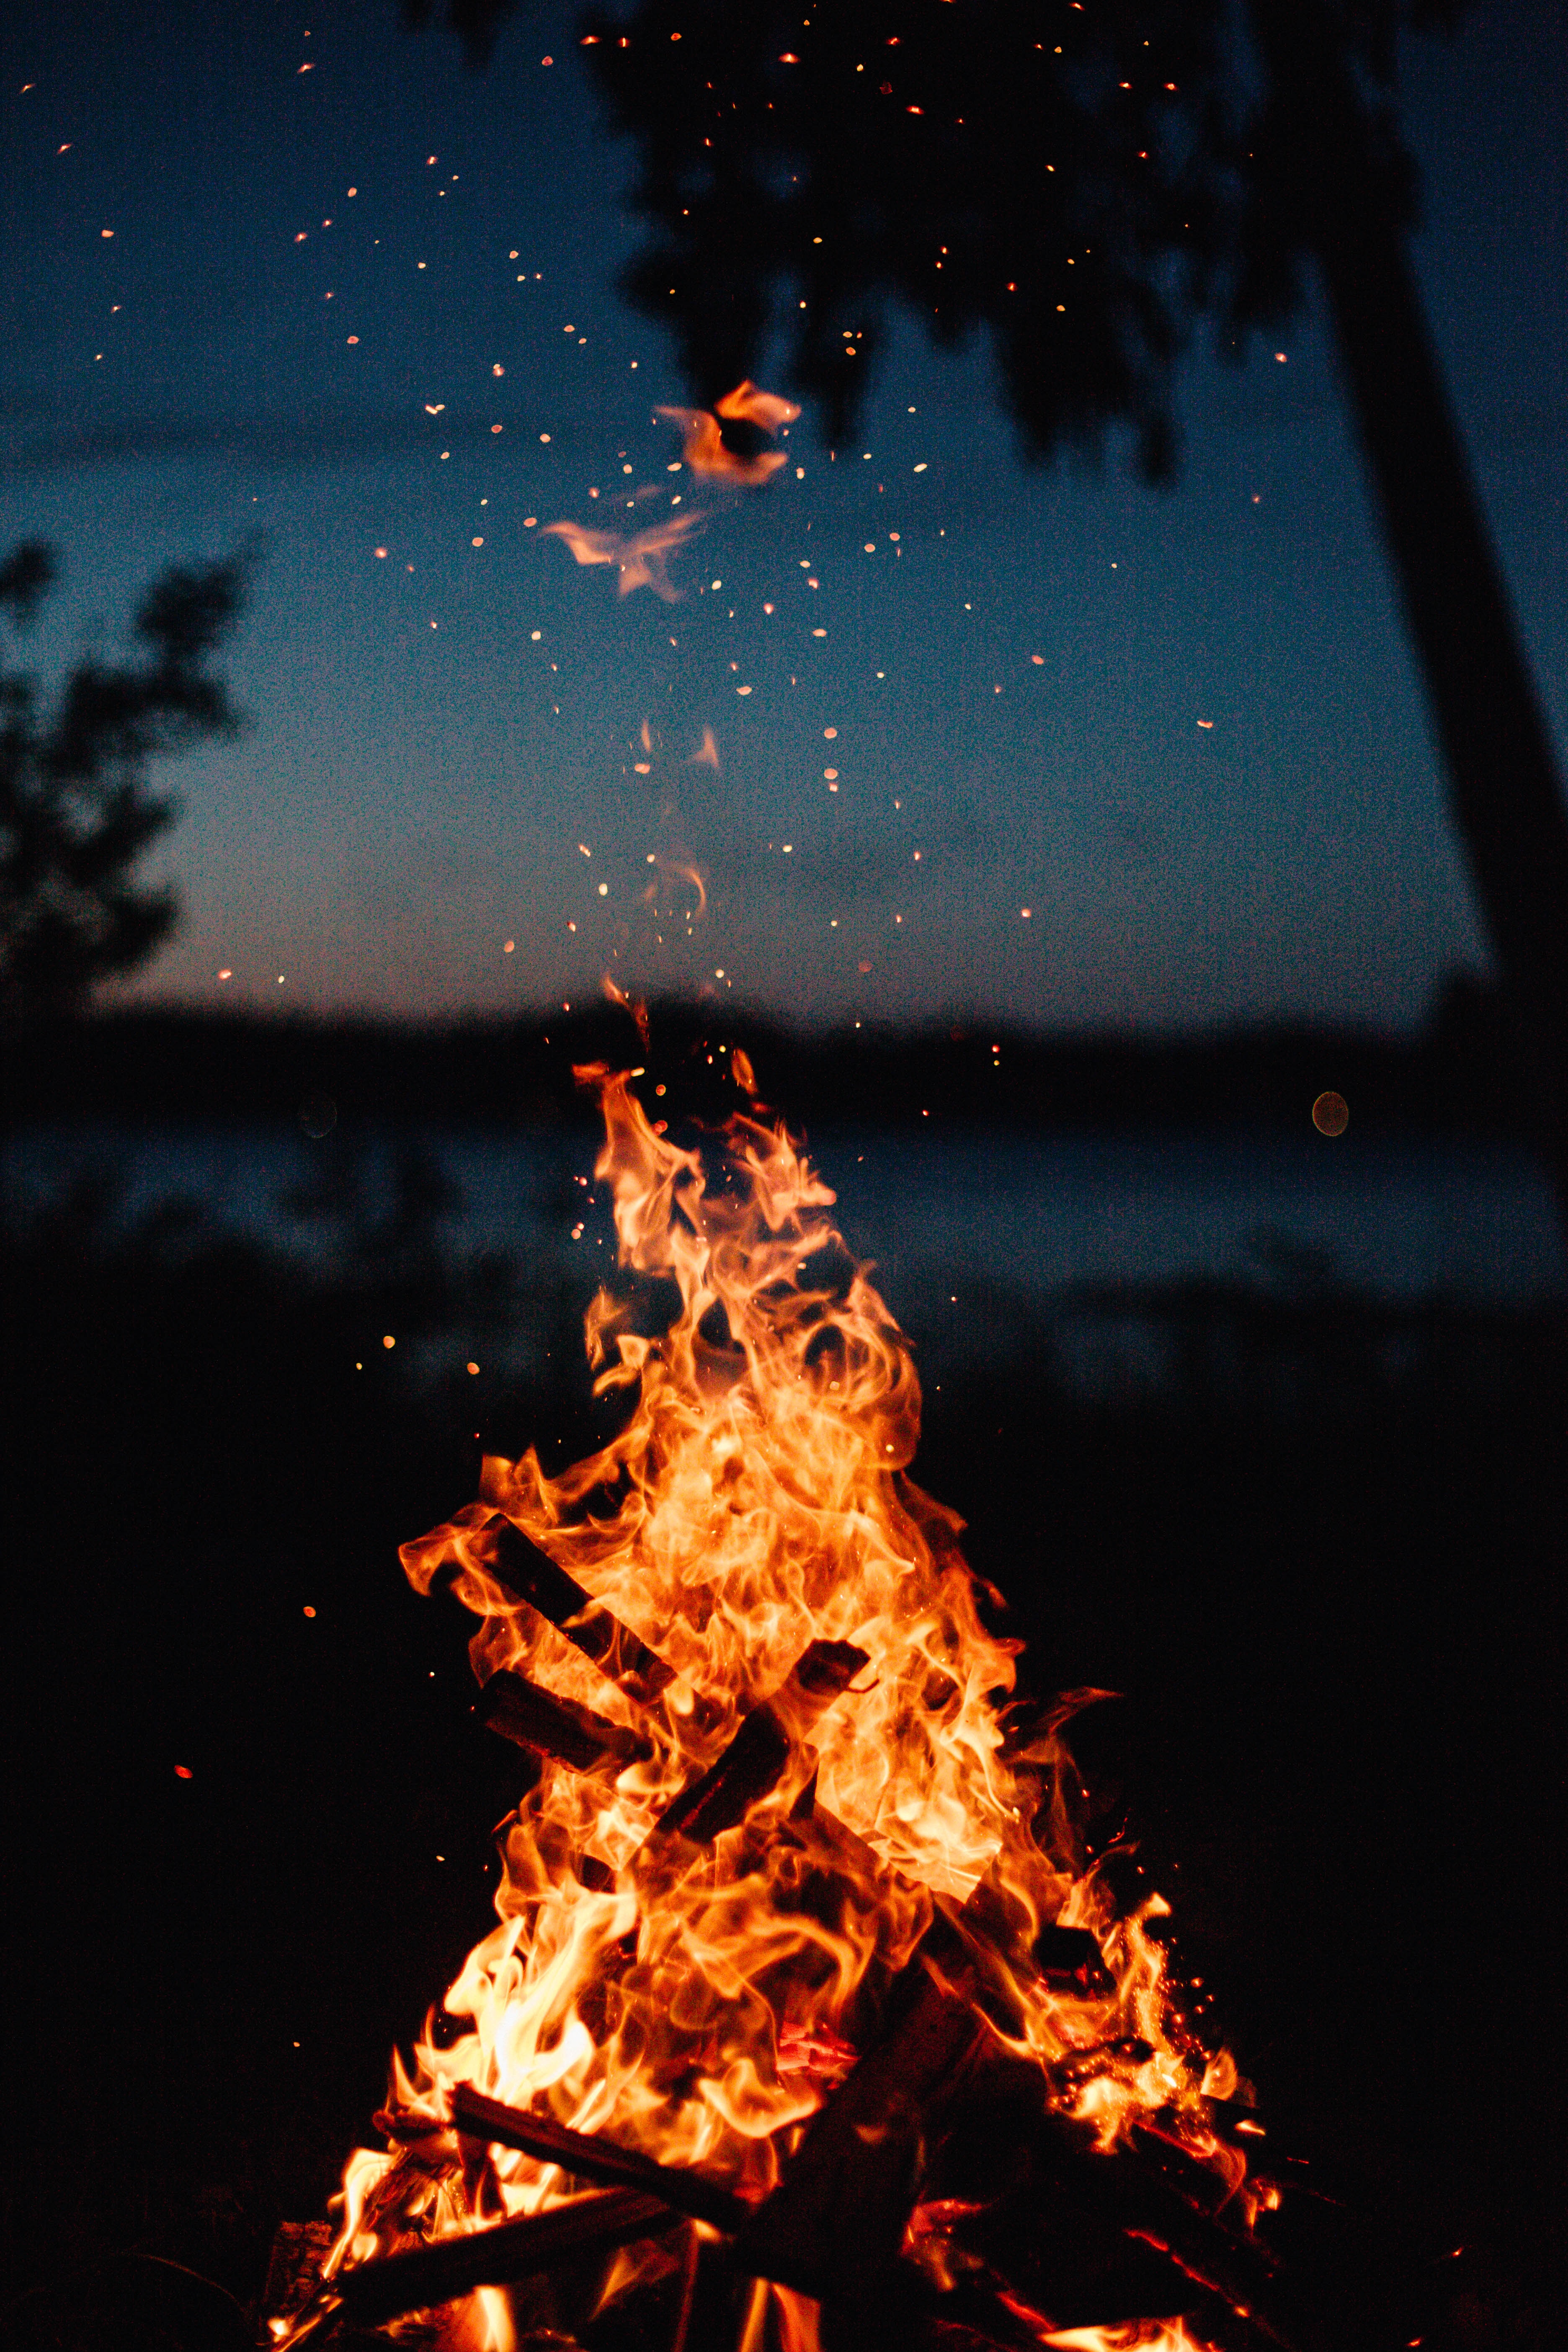 Es un fuego en llama viva que representa a la menopausia con el sofoco y con el calor